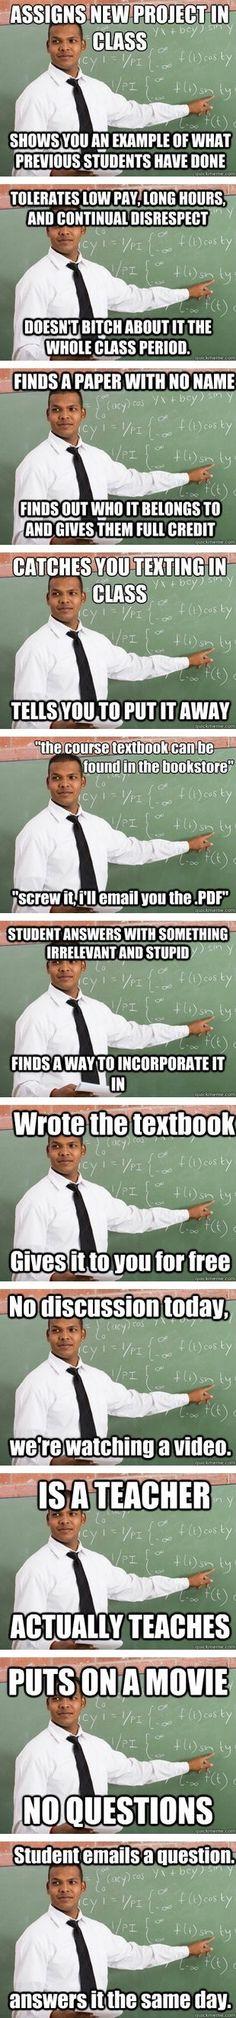 There's a good guy teacher meme?!